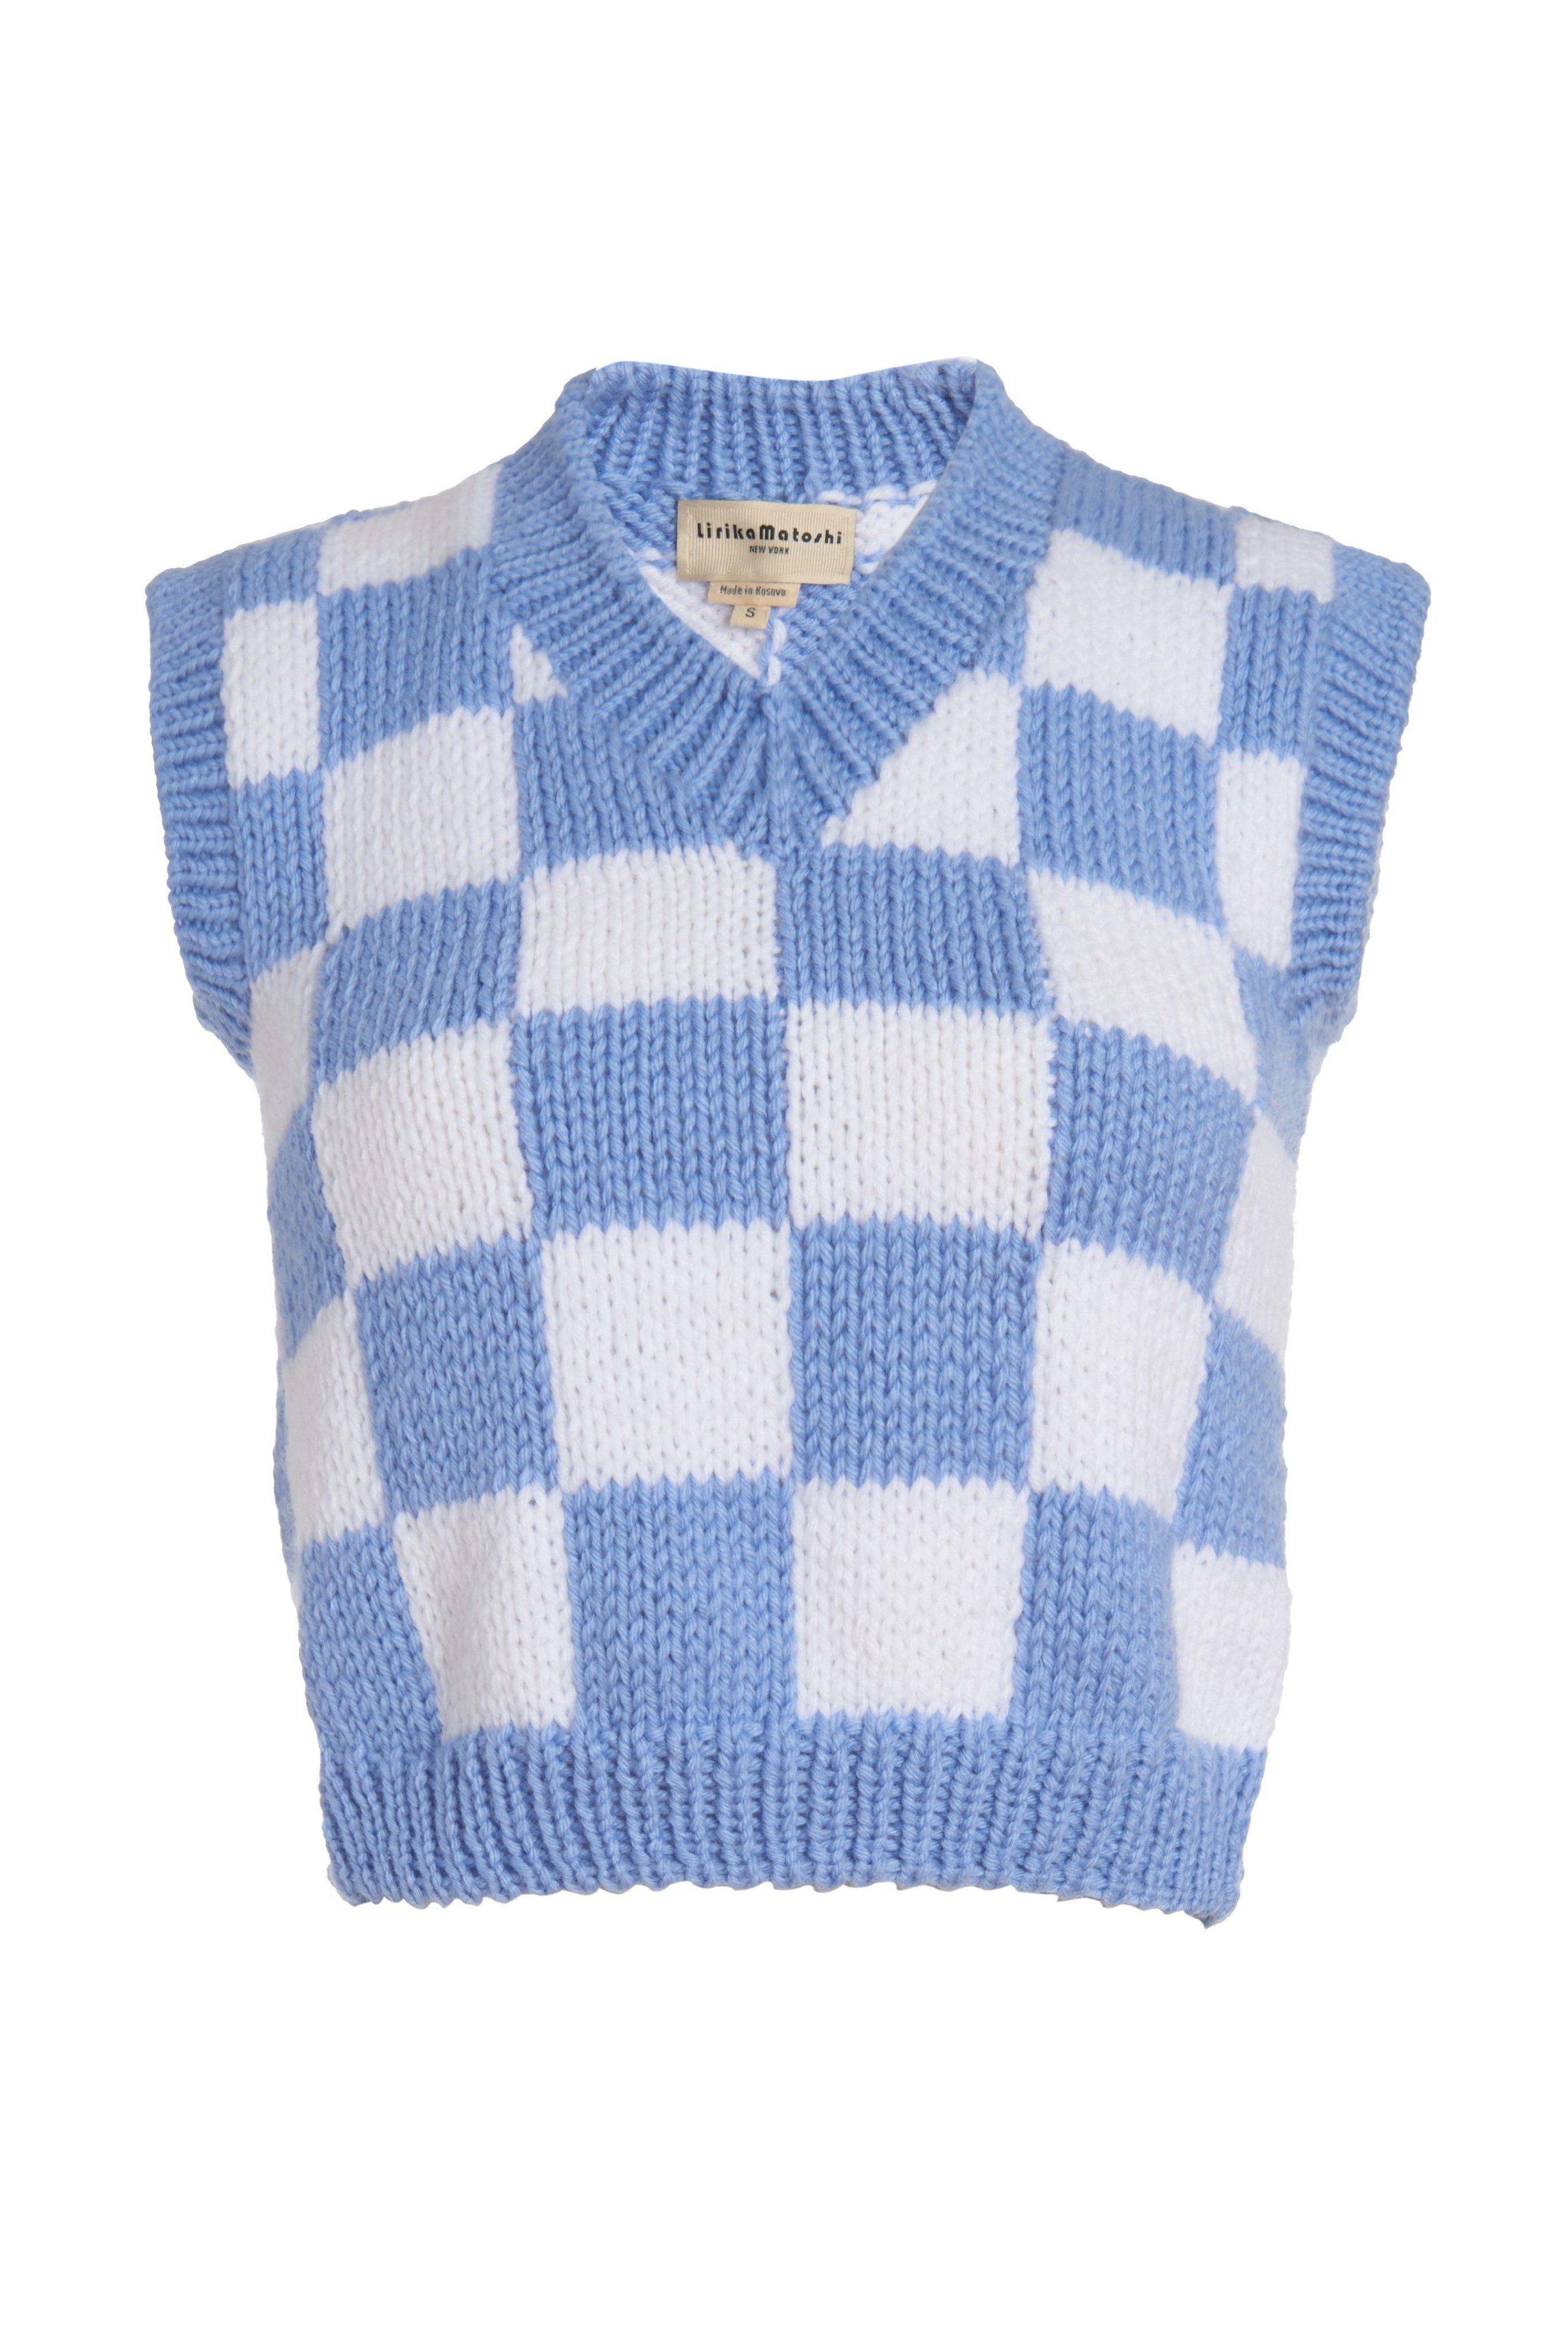 Gilet en tricot à carreaux – XS / Blanc & Bleu   – Products